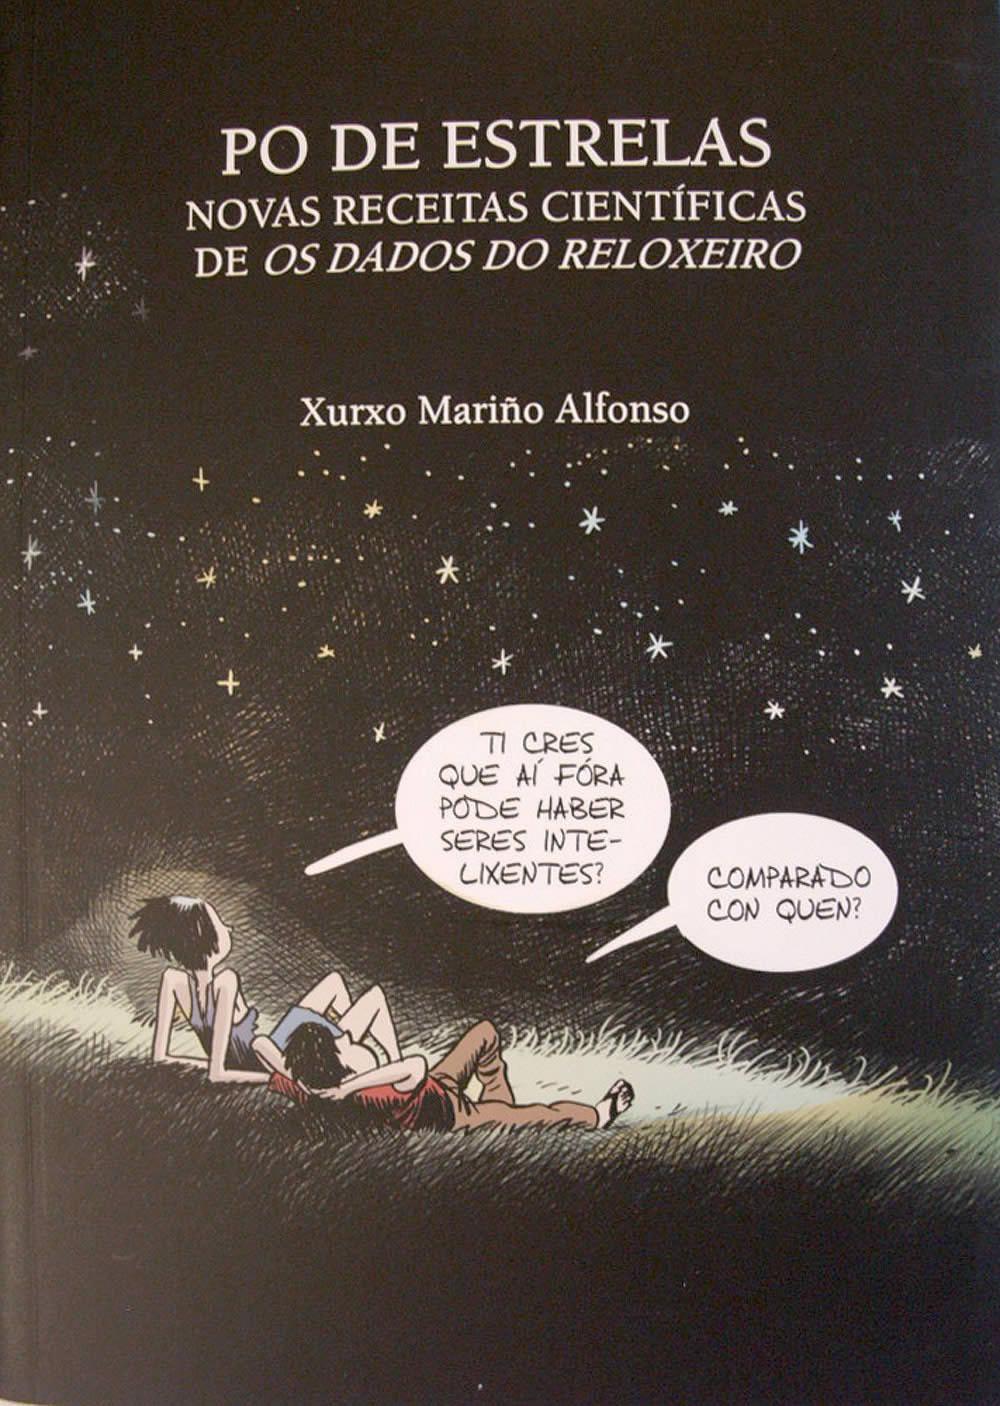 Po de estrelas